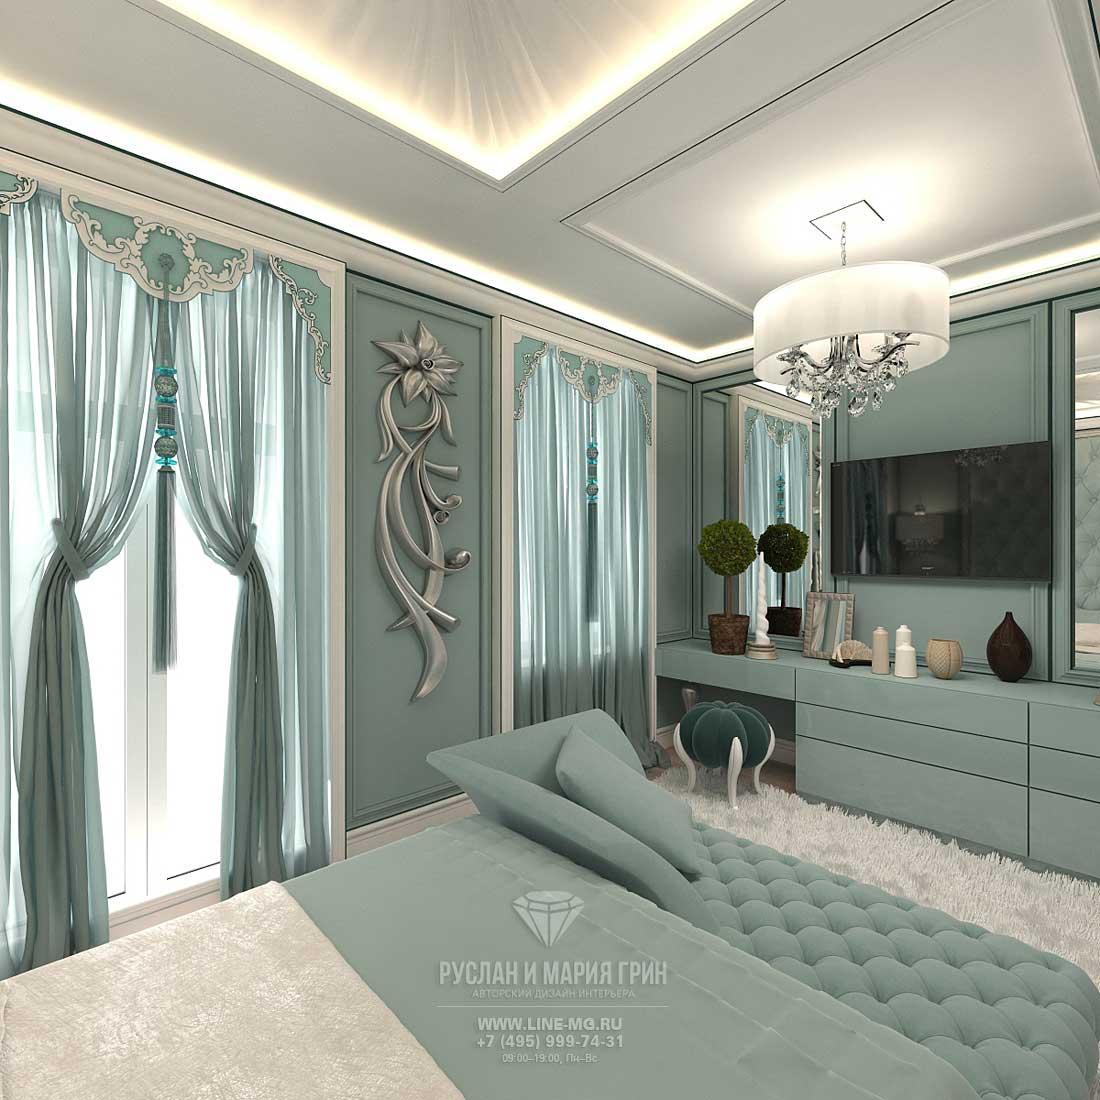 Дизайна бирюзовой спальни в таунхаусе